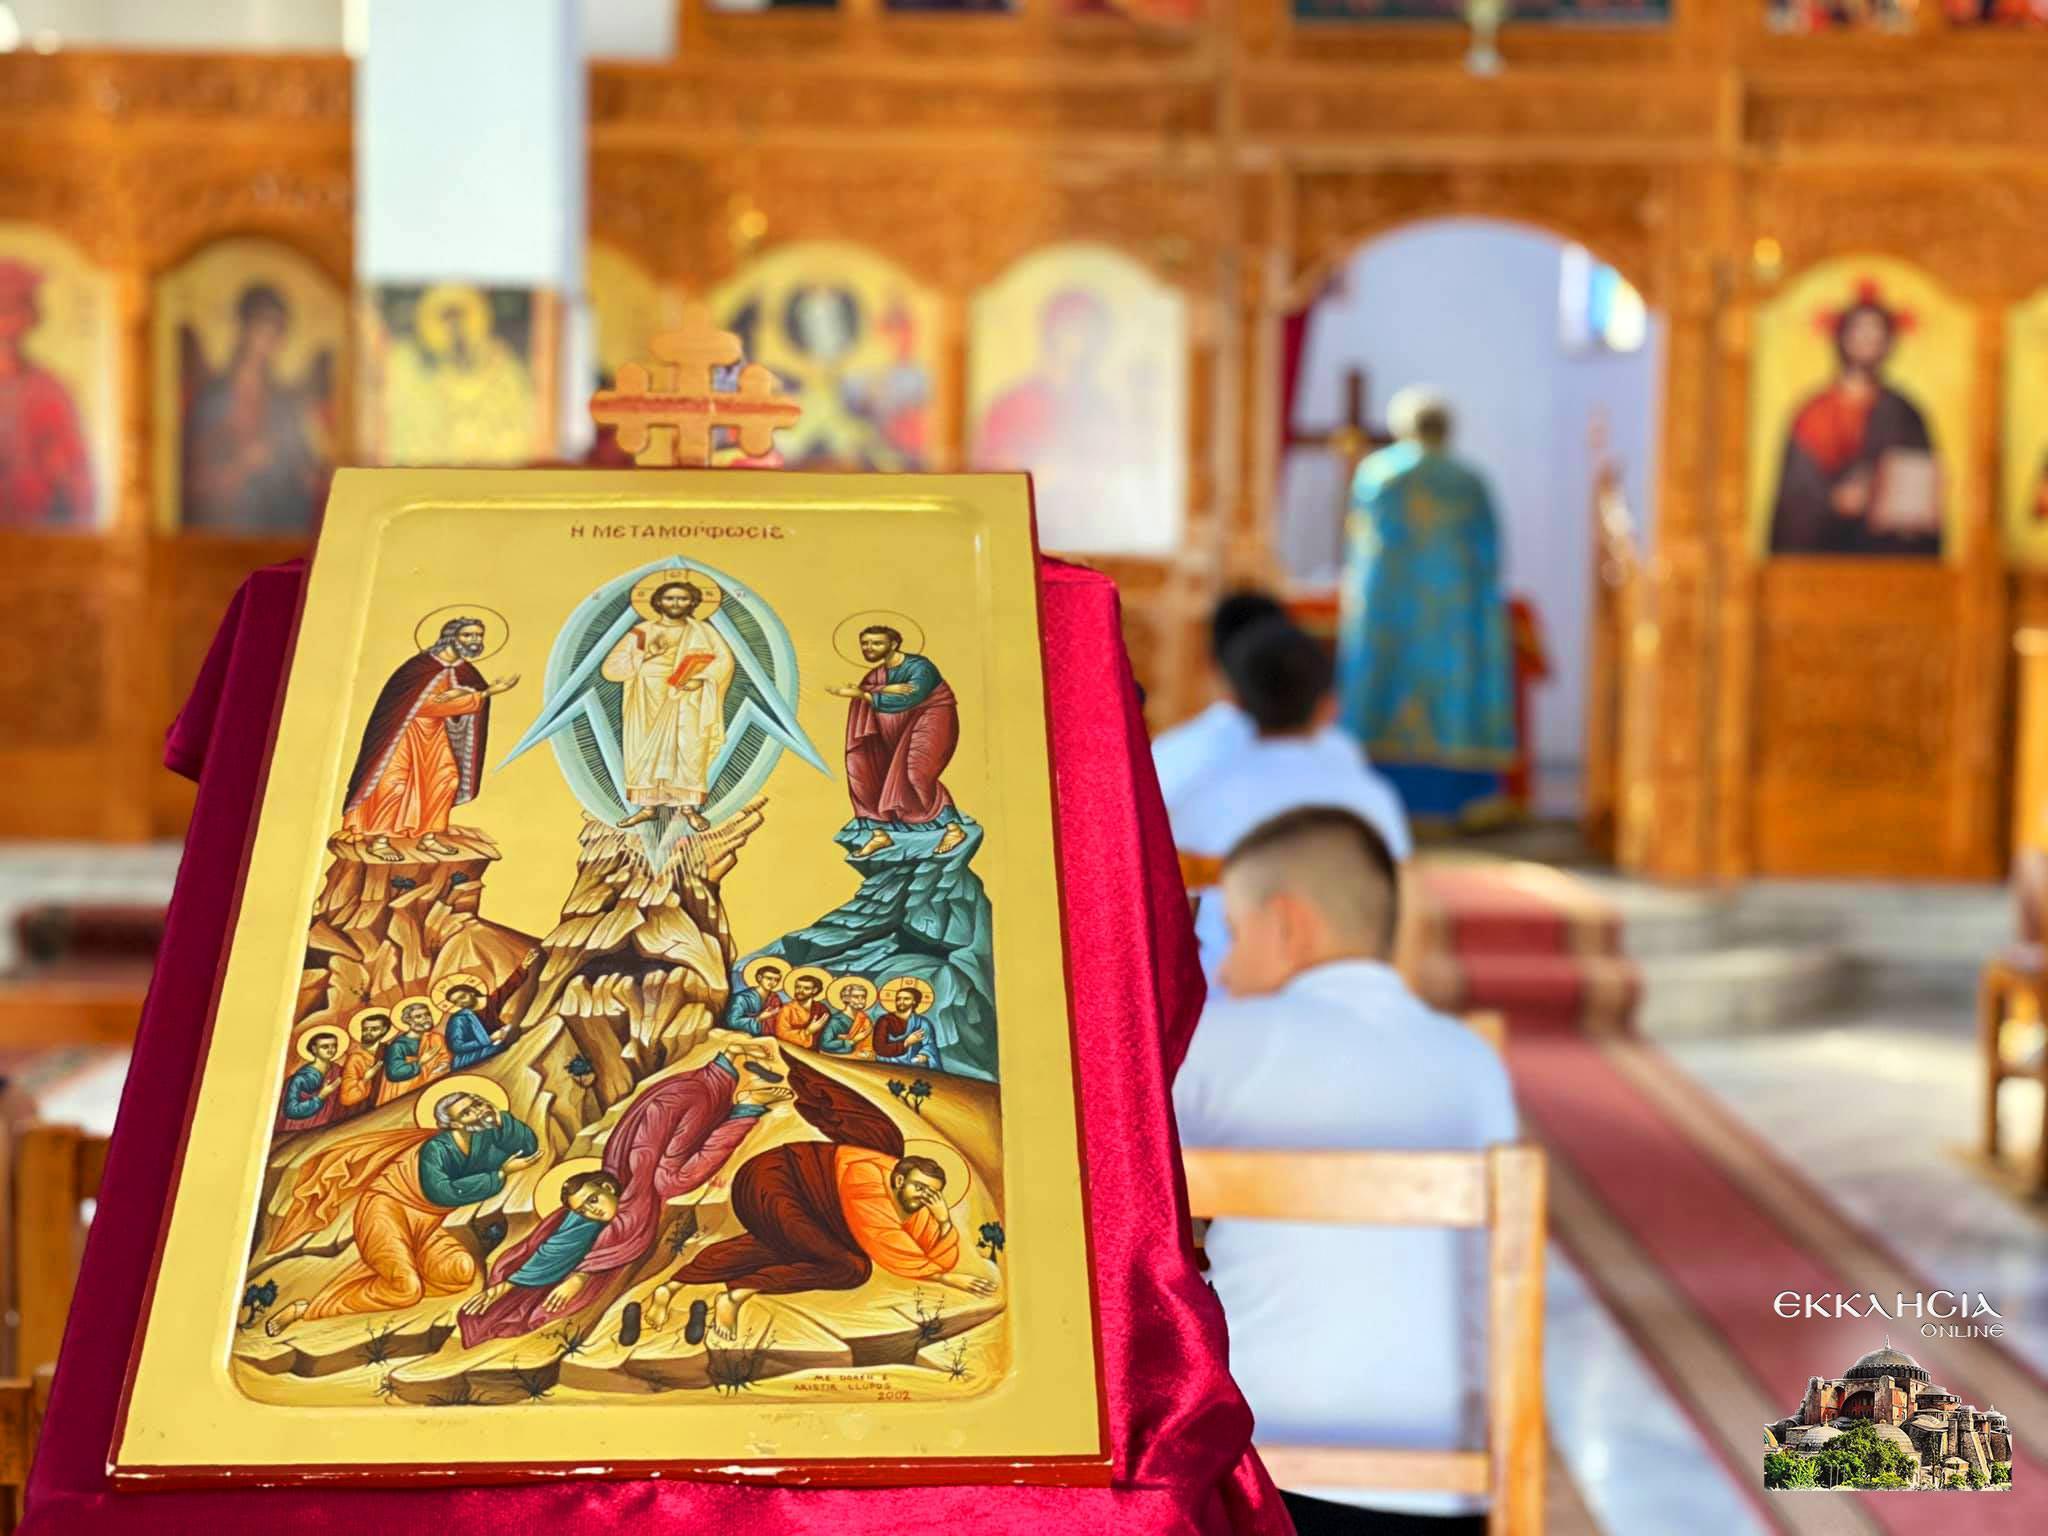 εορτασμός της Μεταμόρφωσης του Σωτήρος στην Μητρόπολη Ελμπασάν